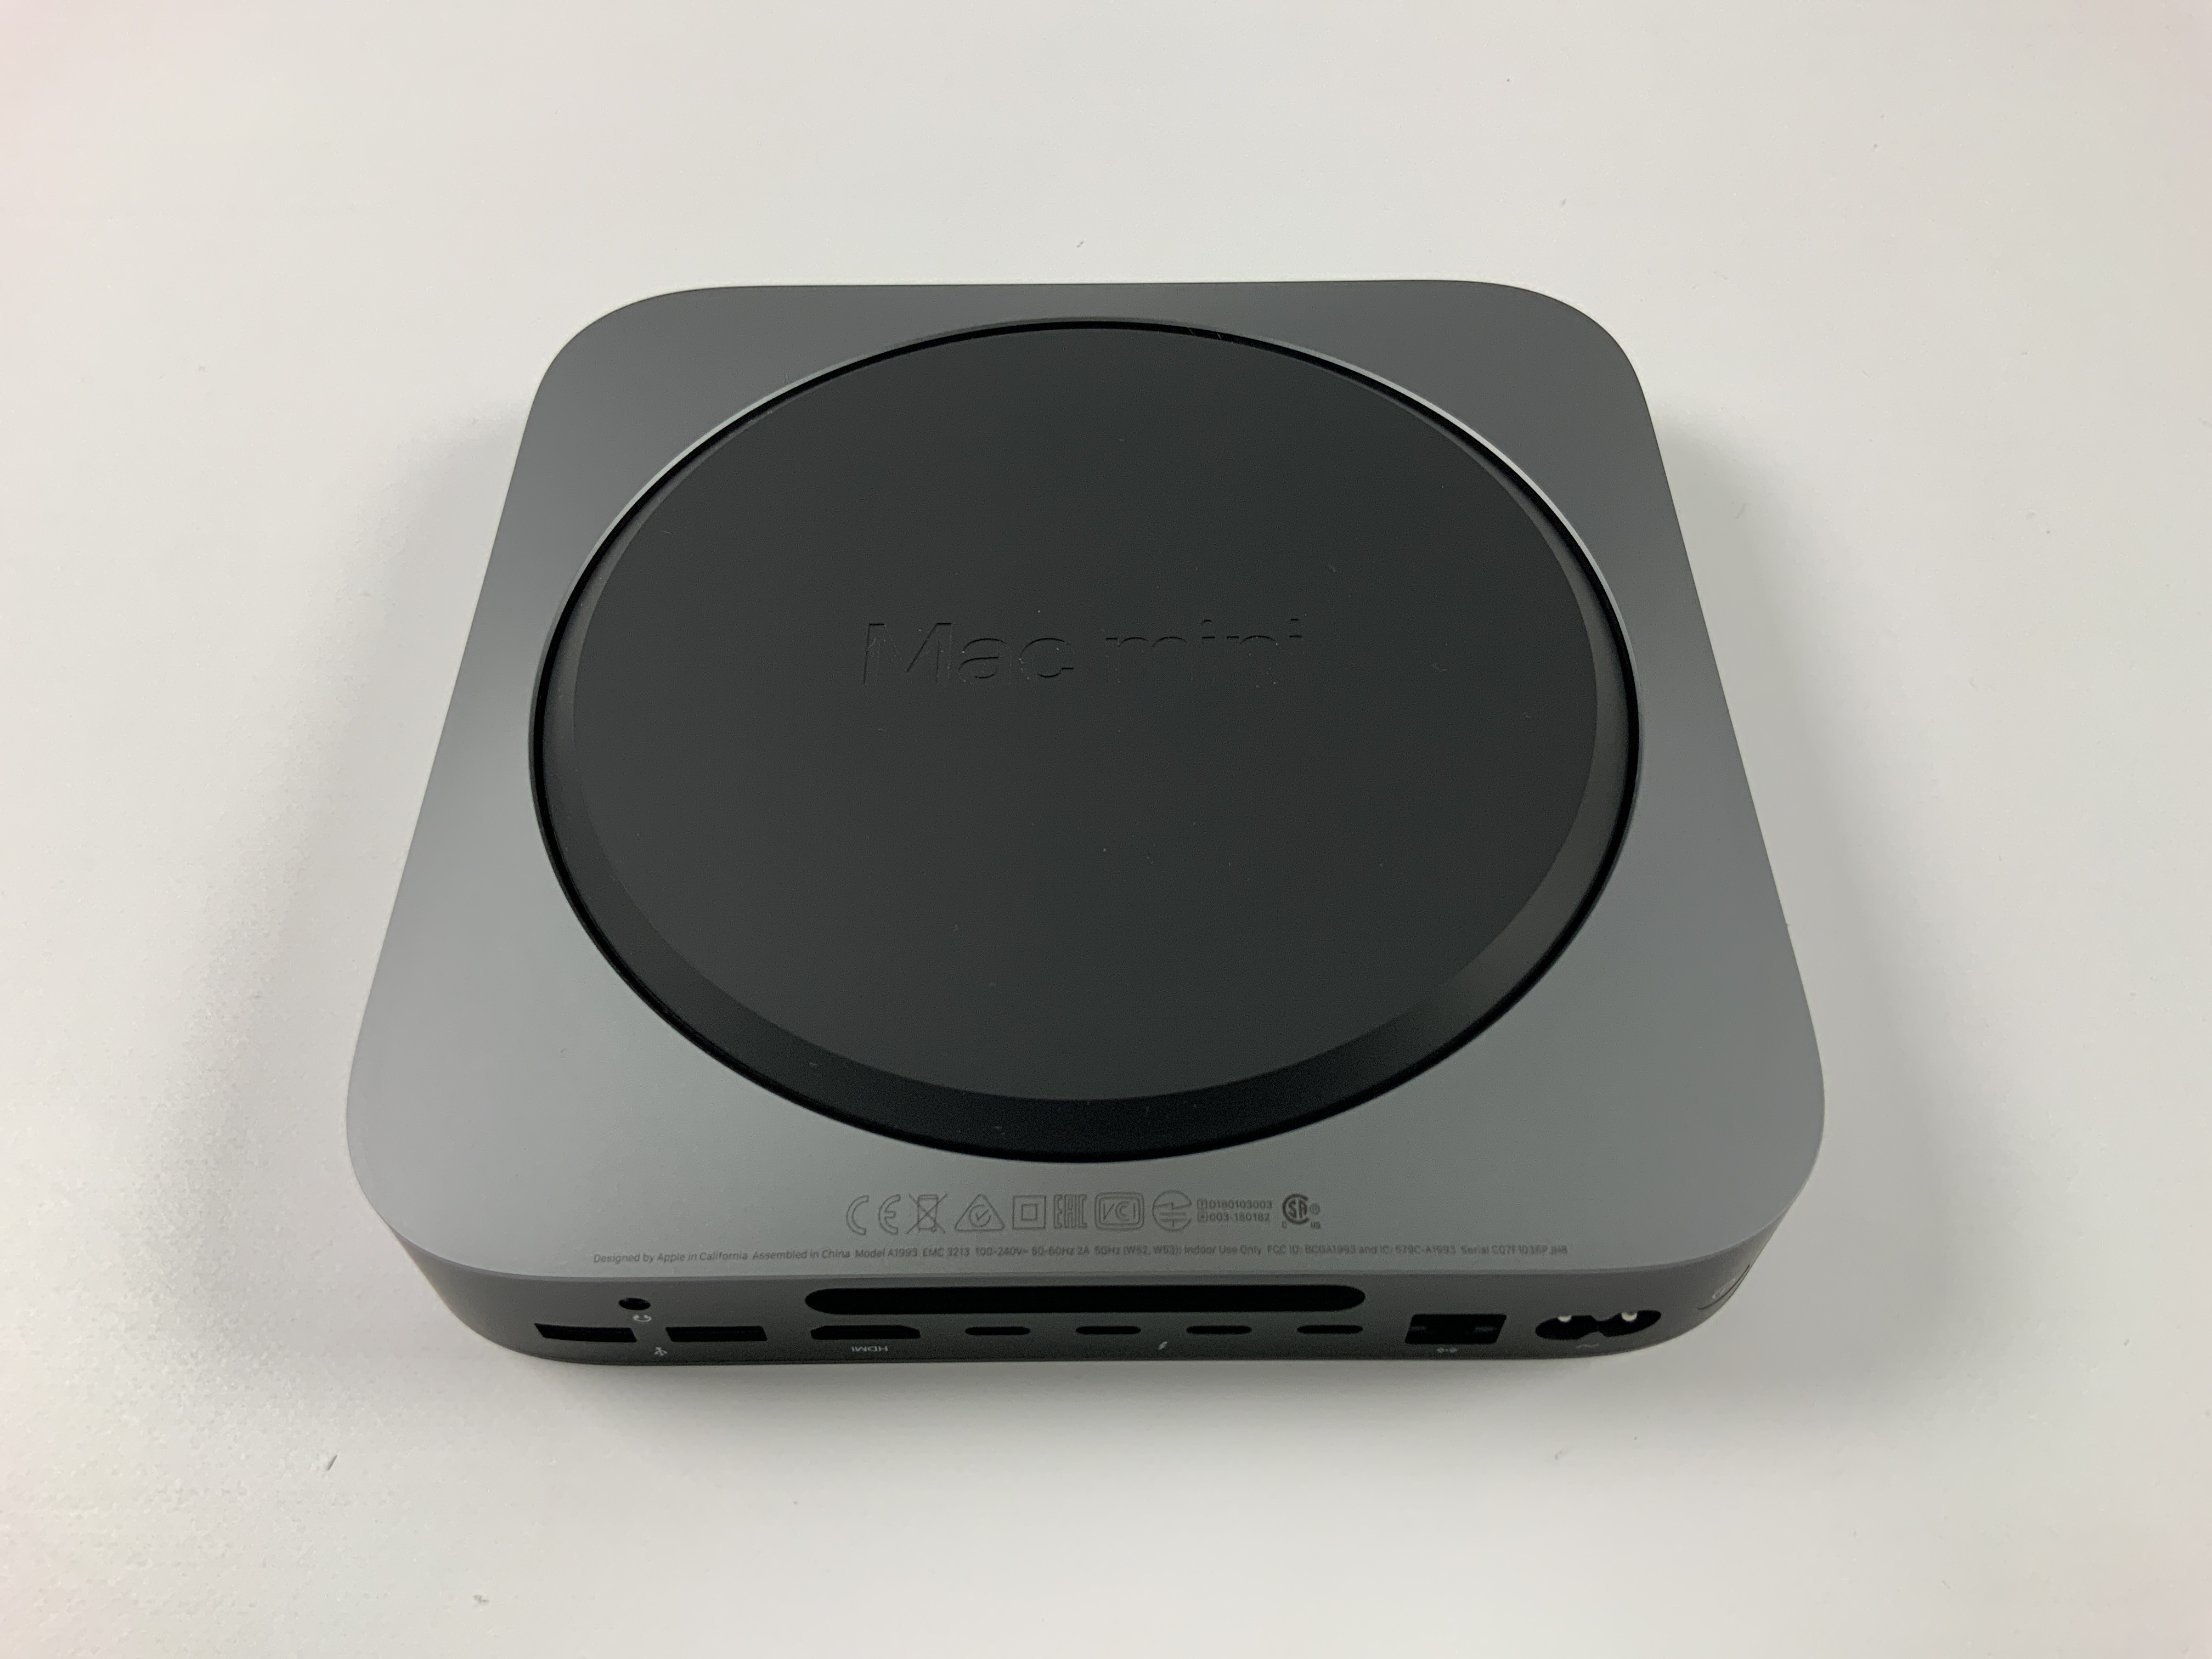 Mac Mini Early 2020 (Intel 6-Core i5 3.0 GHz 32 GB RAM 512 GB SSD), Intel 6-Core i5 3.0 GHz, 32 GB RAM, 512 GB SSD, obraz 2